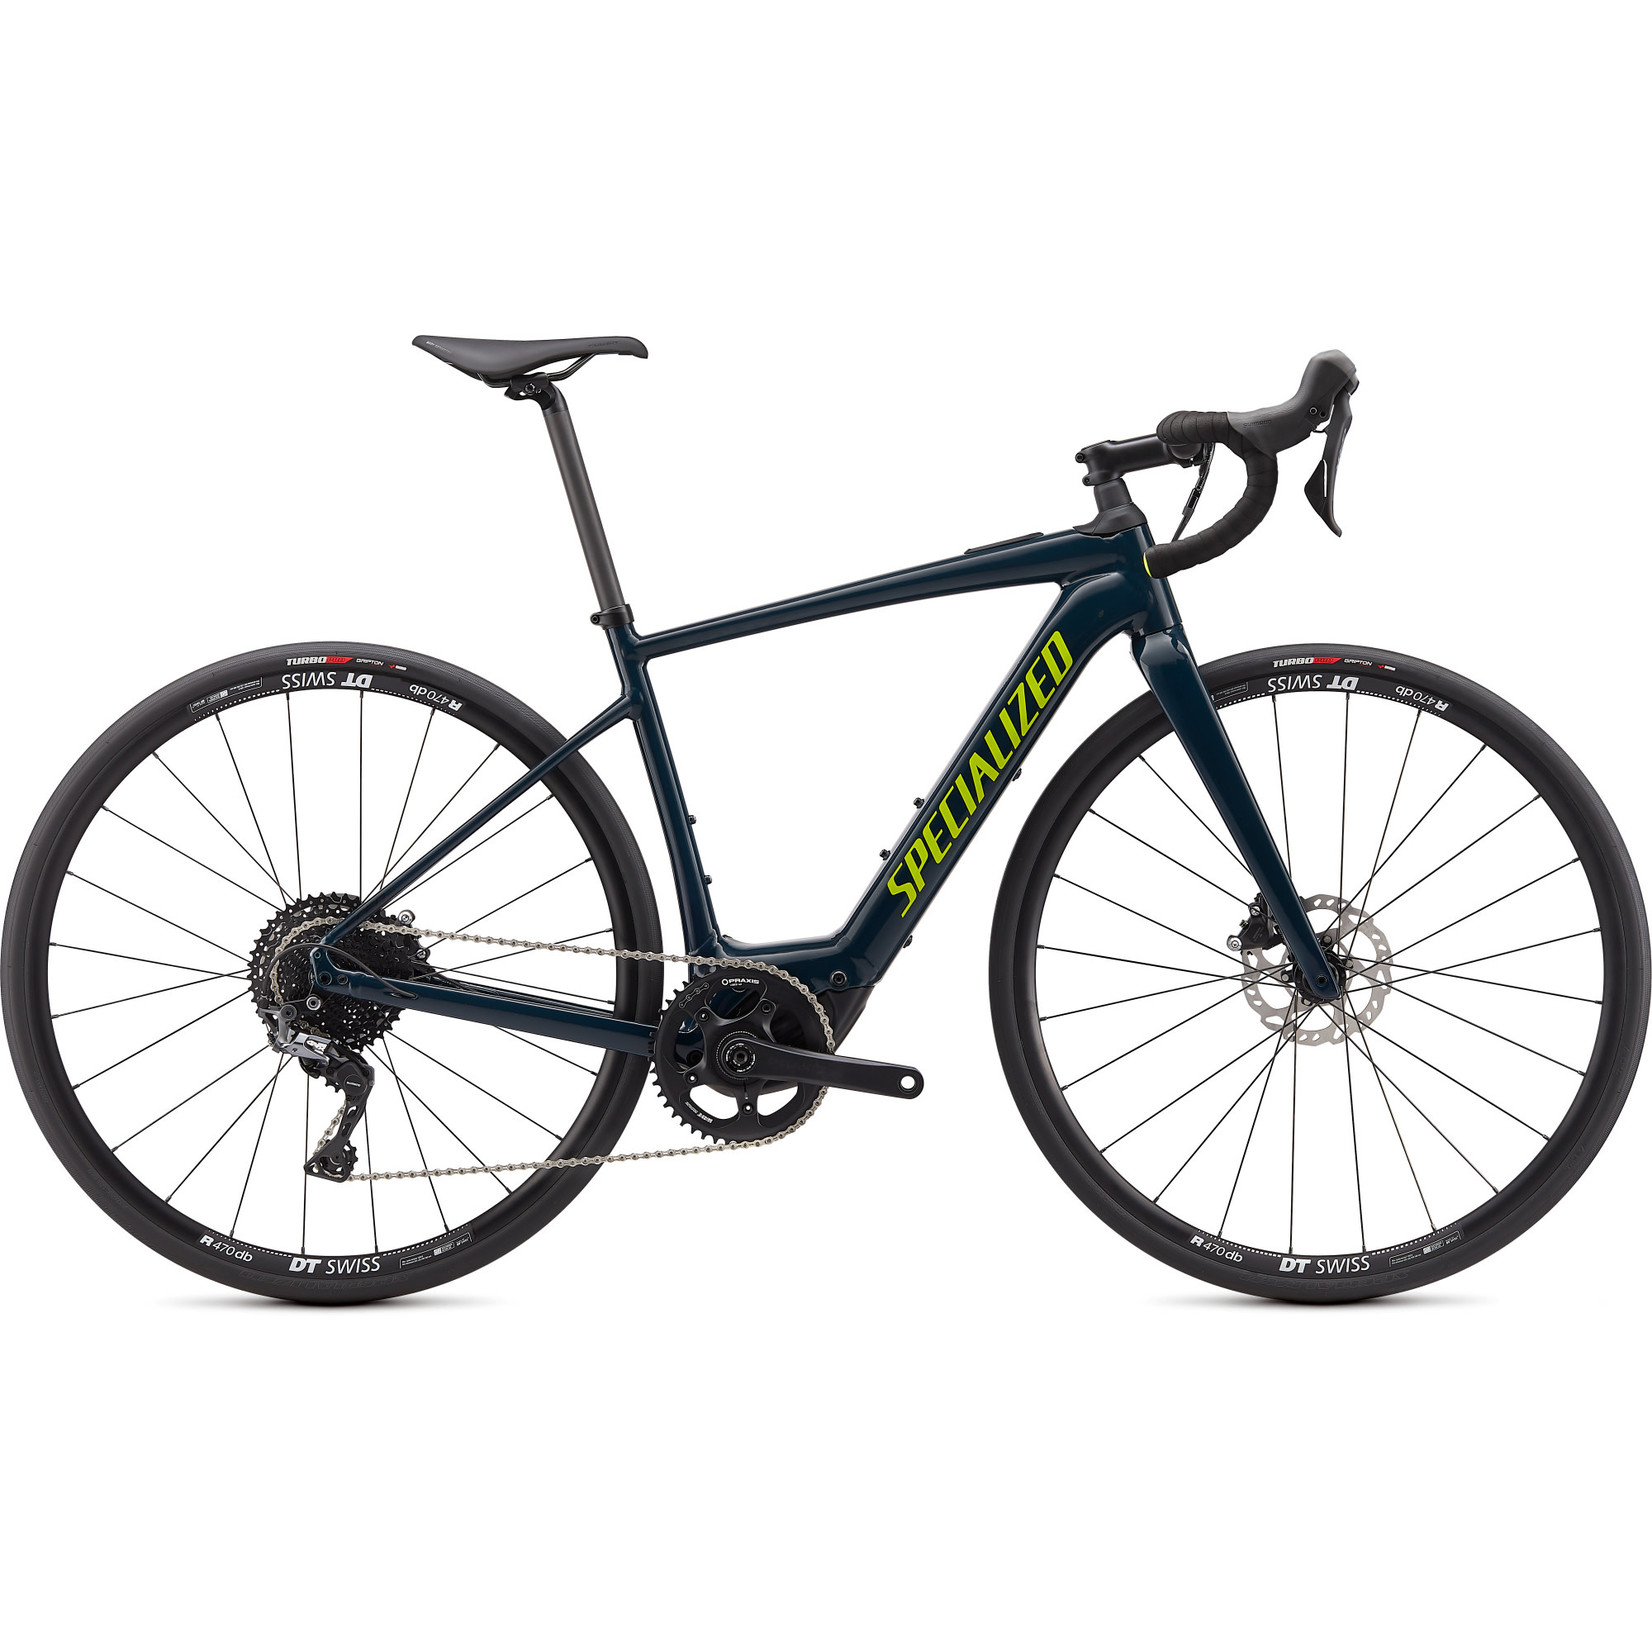 Specialized Creo SL E5 Comp Cast Blue - Medium E-bike